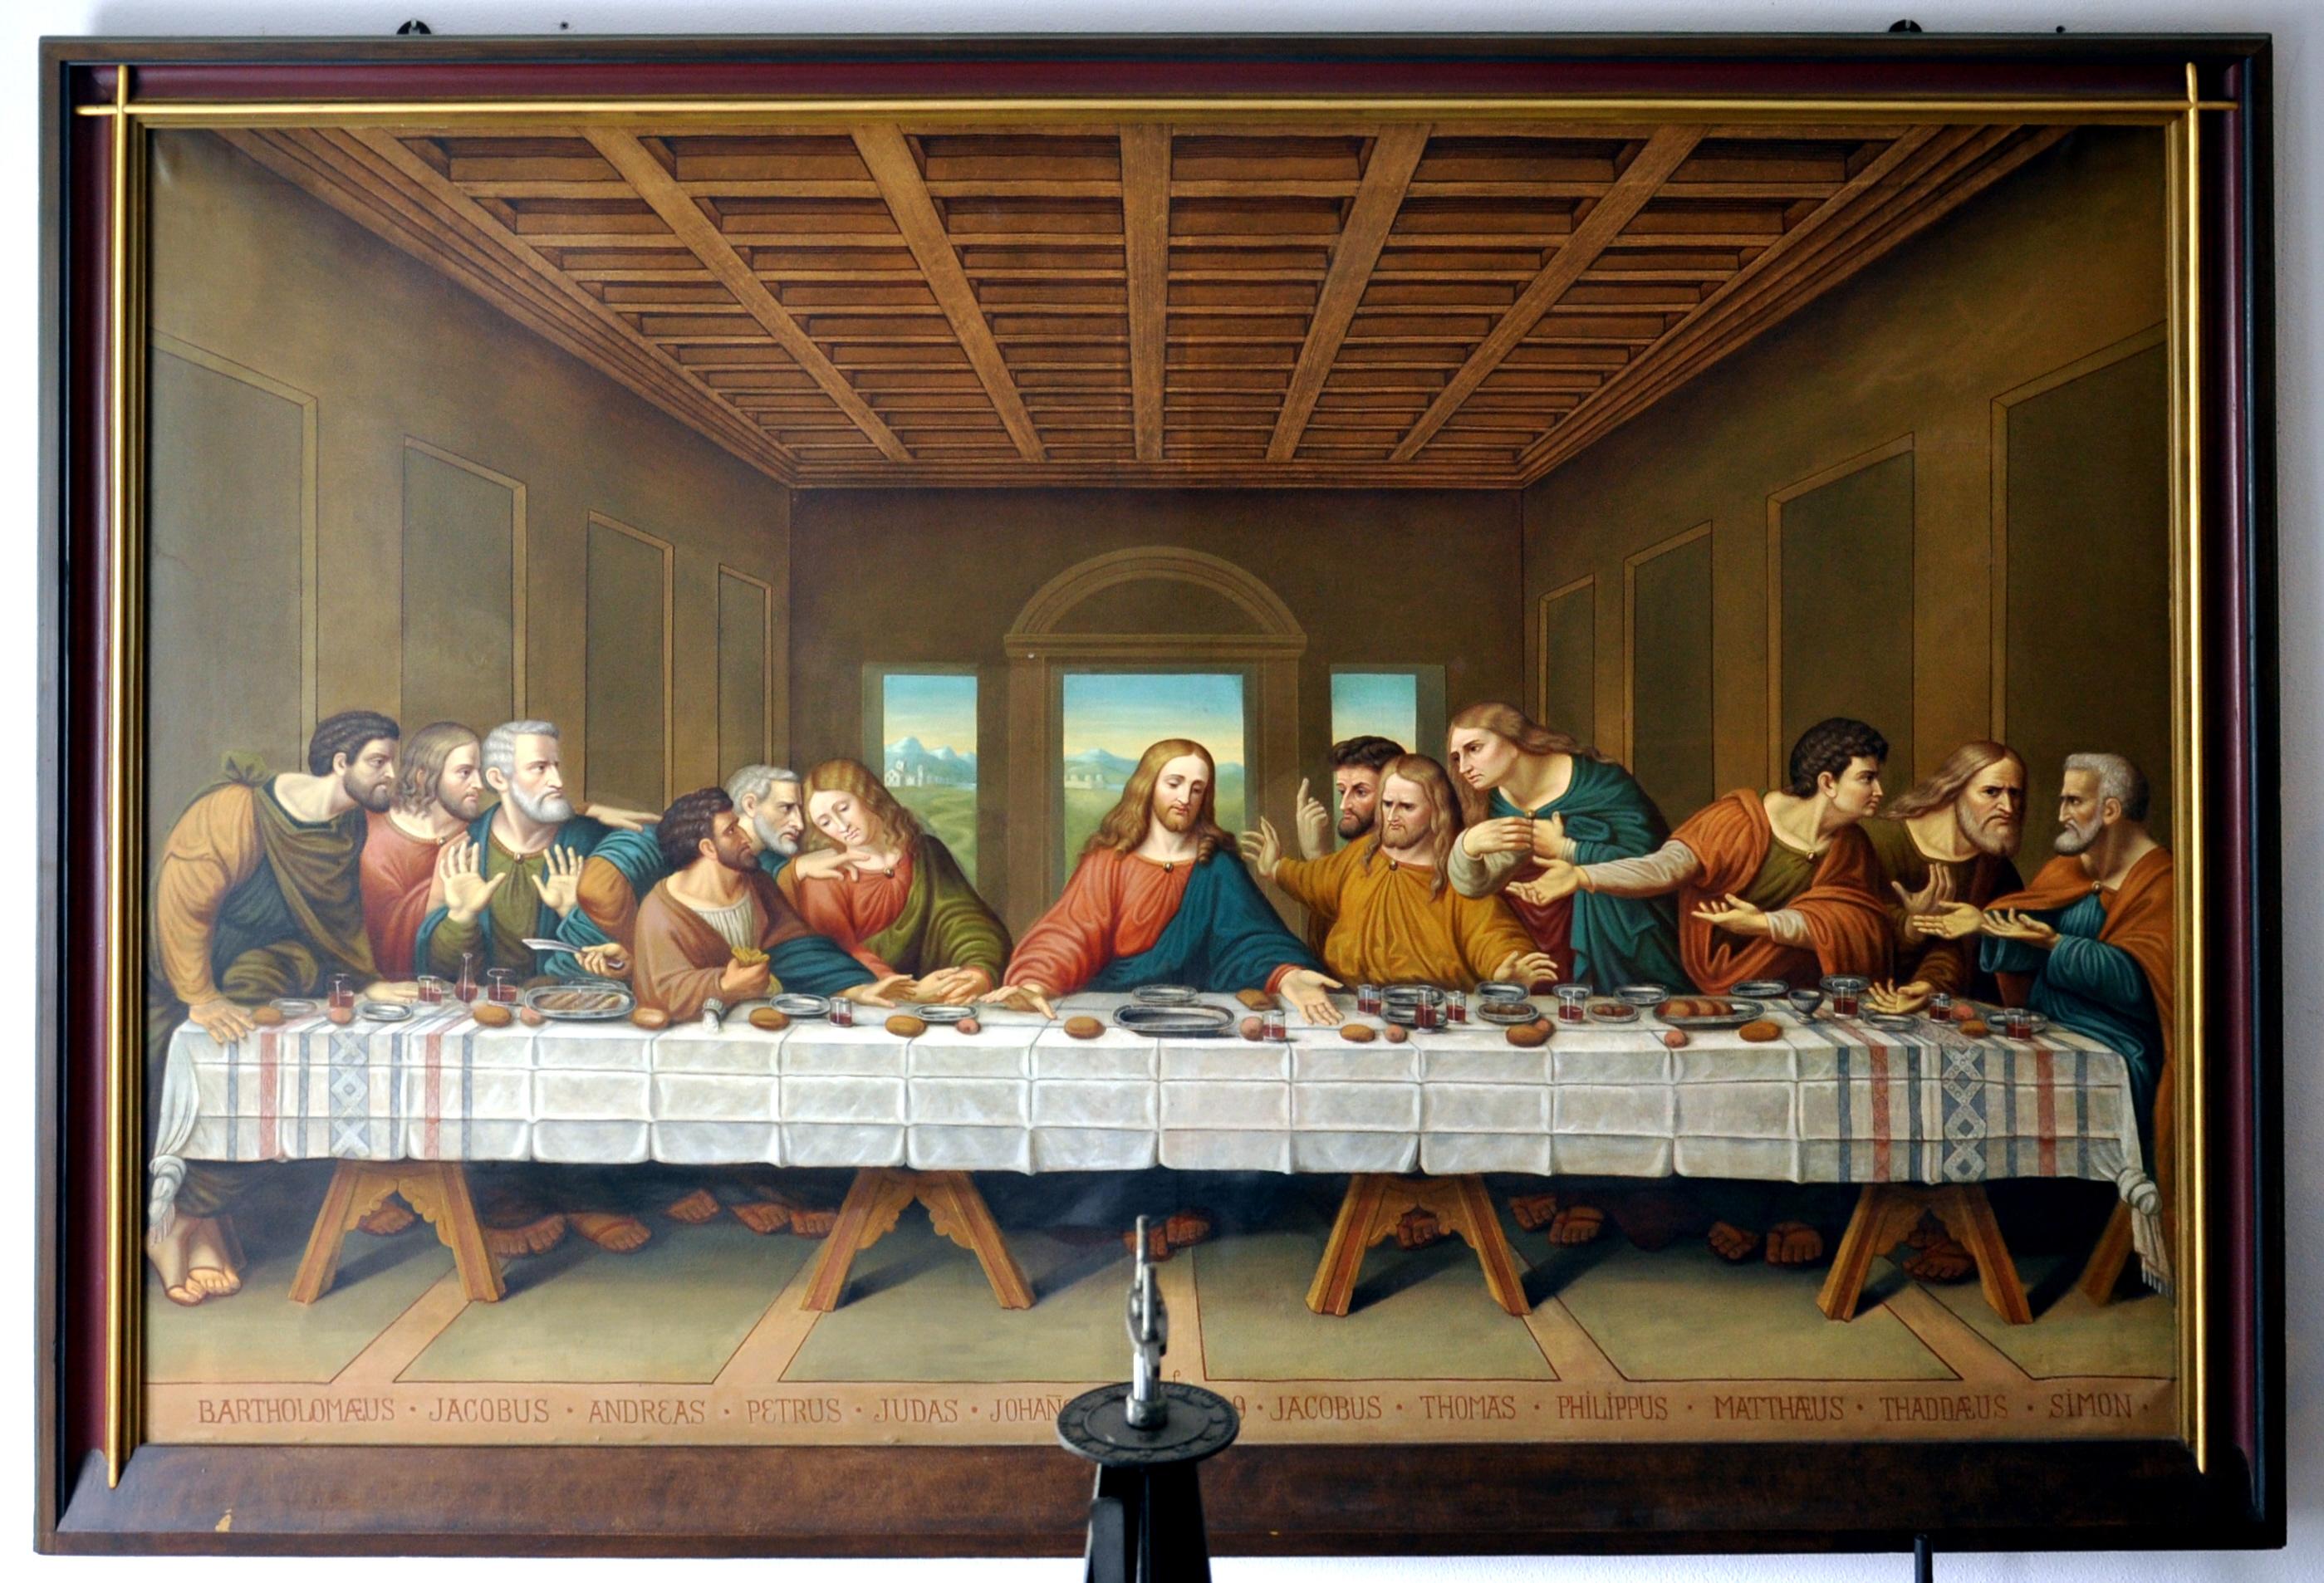 Юбилеем женщине, картинки тайная вечеря вечере высокого разрешения